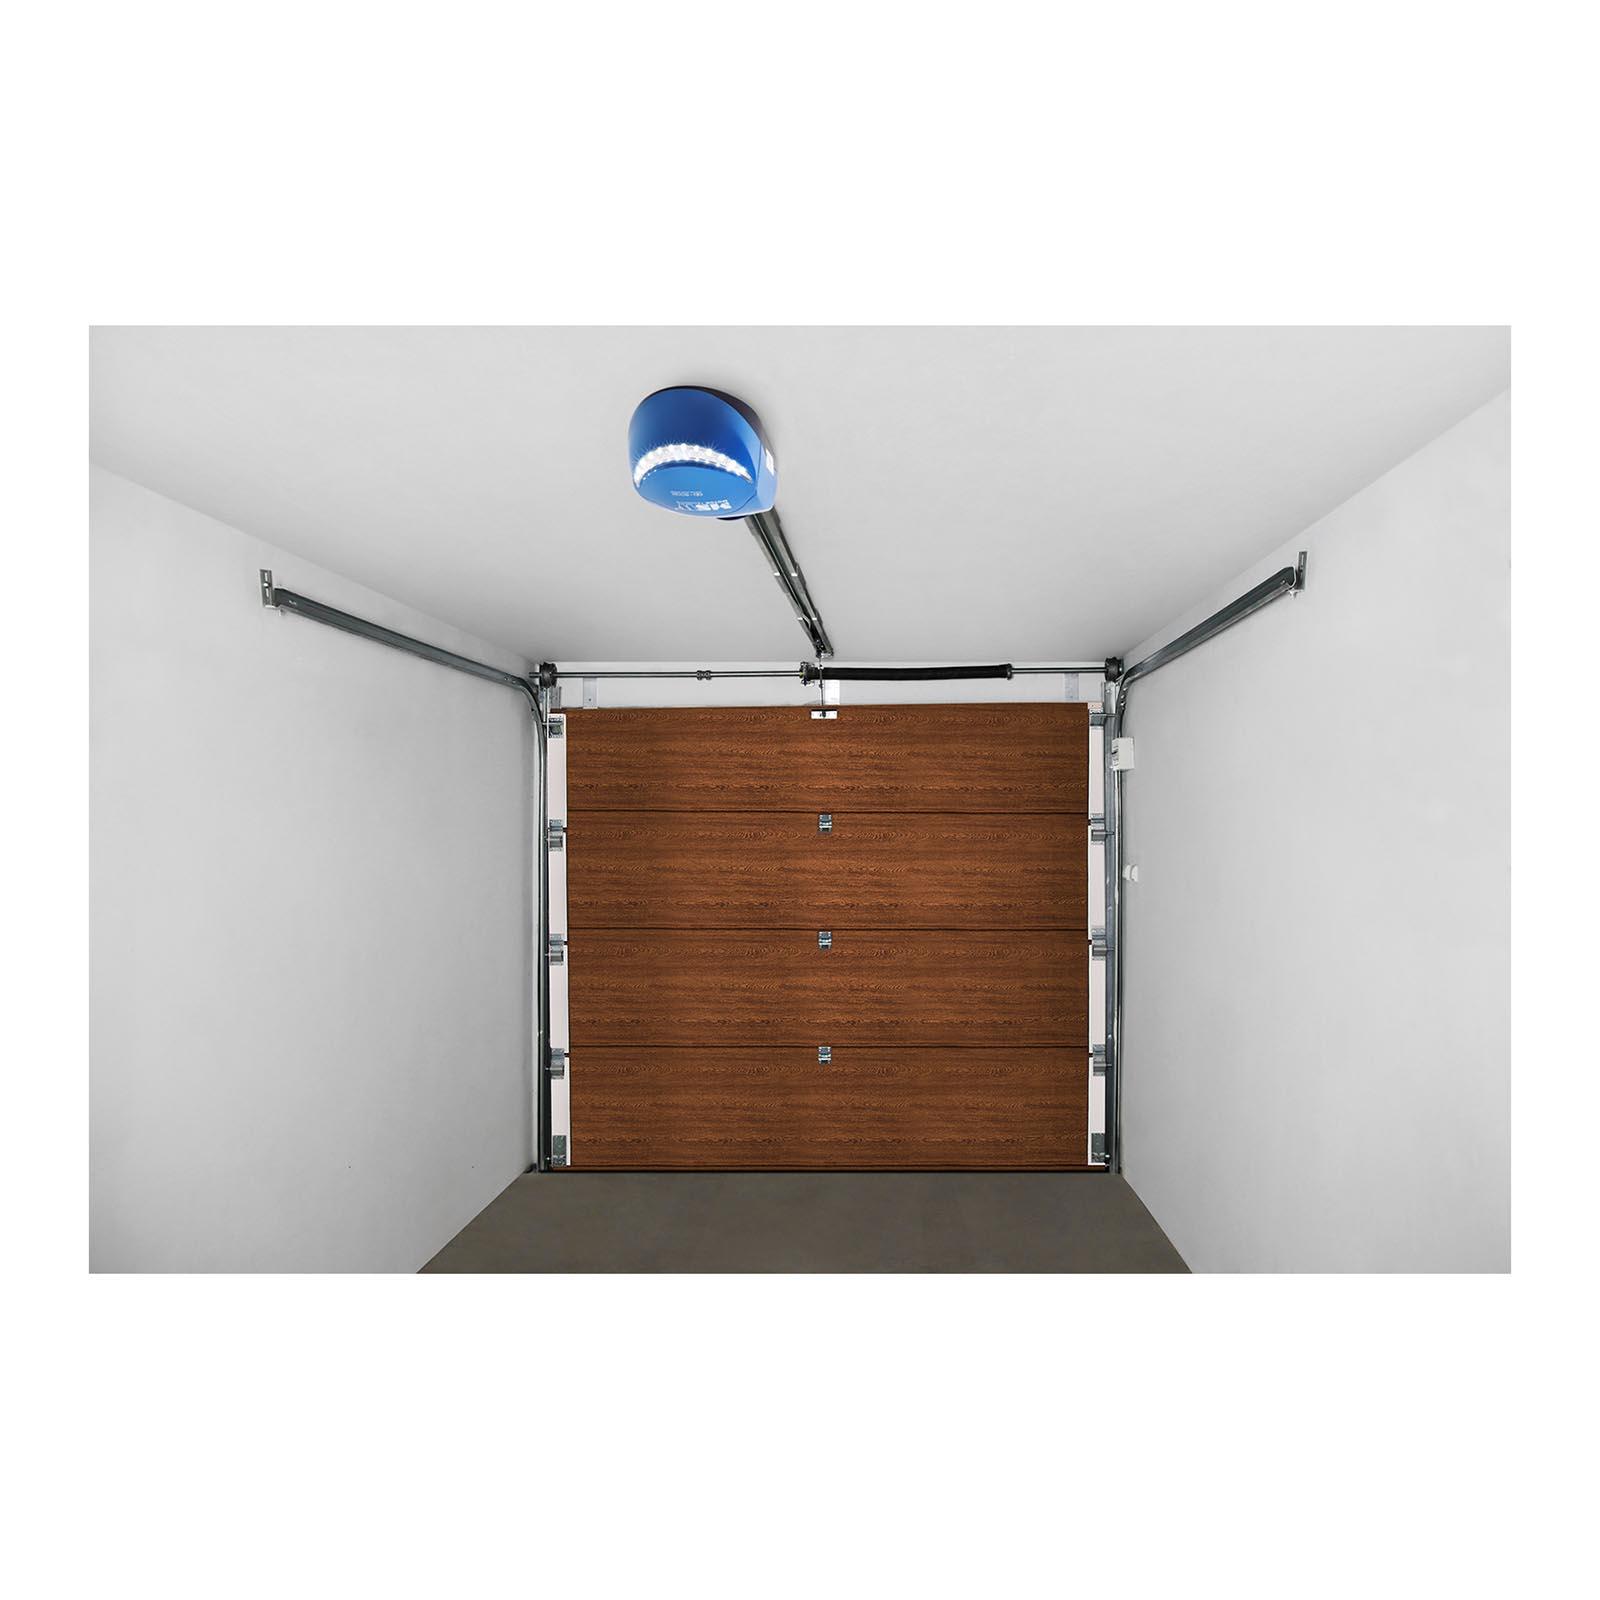 garagentor sektionaltor mit antrieb rolltor 3000 x 2125 mm eiche gold neu ebay. Black Bedroom Furniture Sets. Home Design Ideas